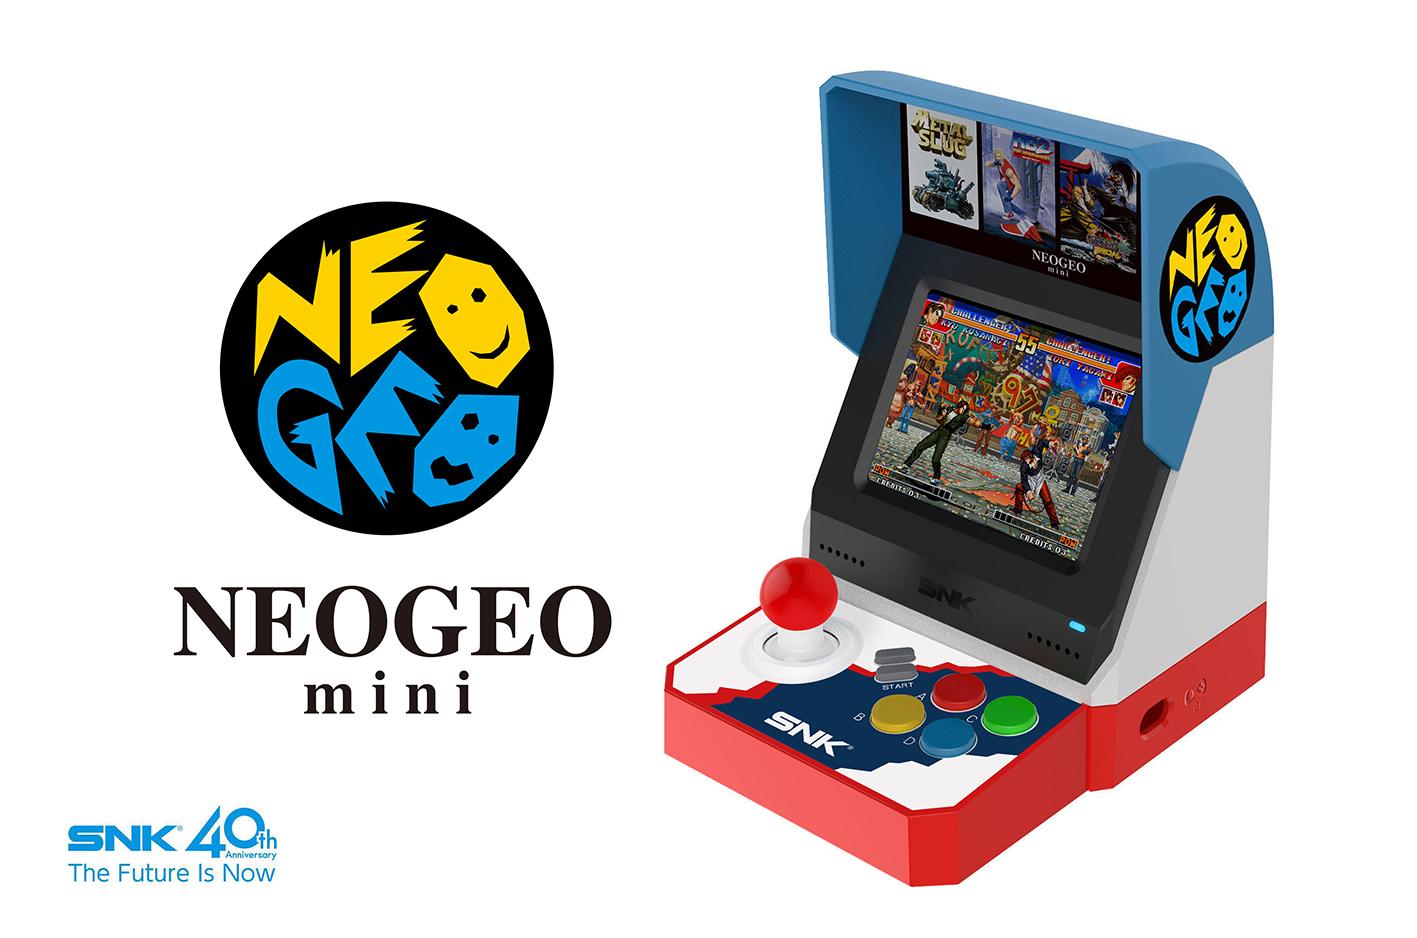 Neo Geo Mini: arrivano da SNK l'annuncio ufficiale e le prime immagini